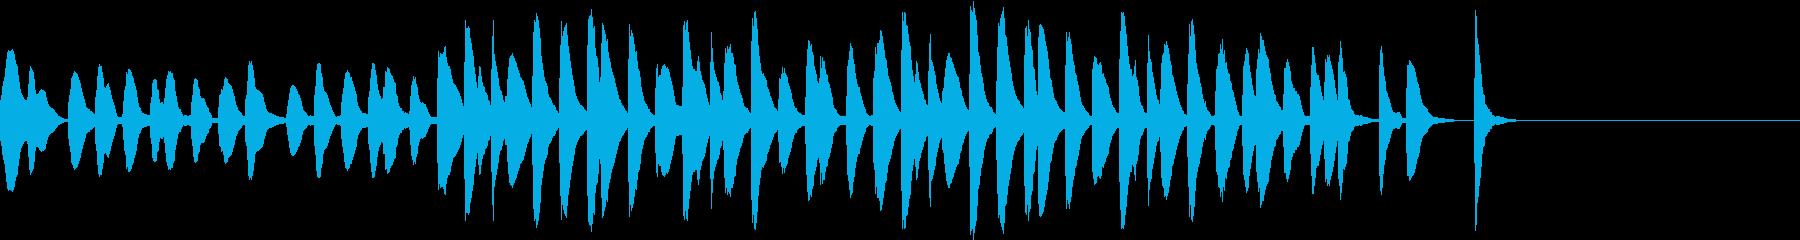 マリンバのコミカルでかわいいジングル3の再生済みの波形